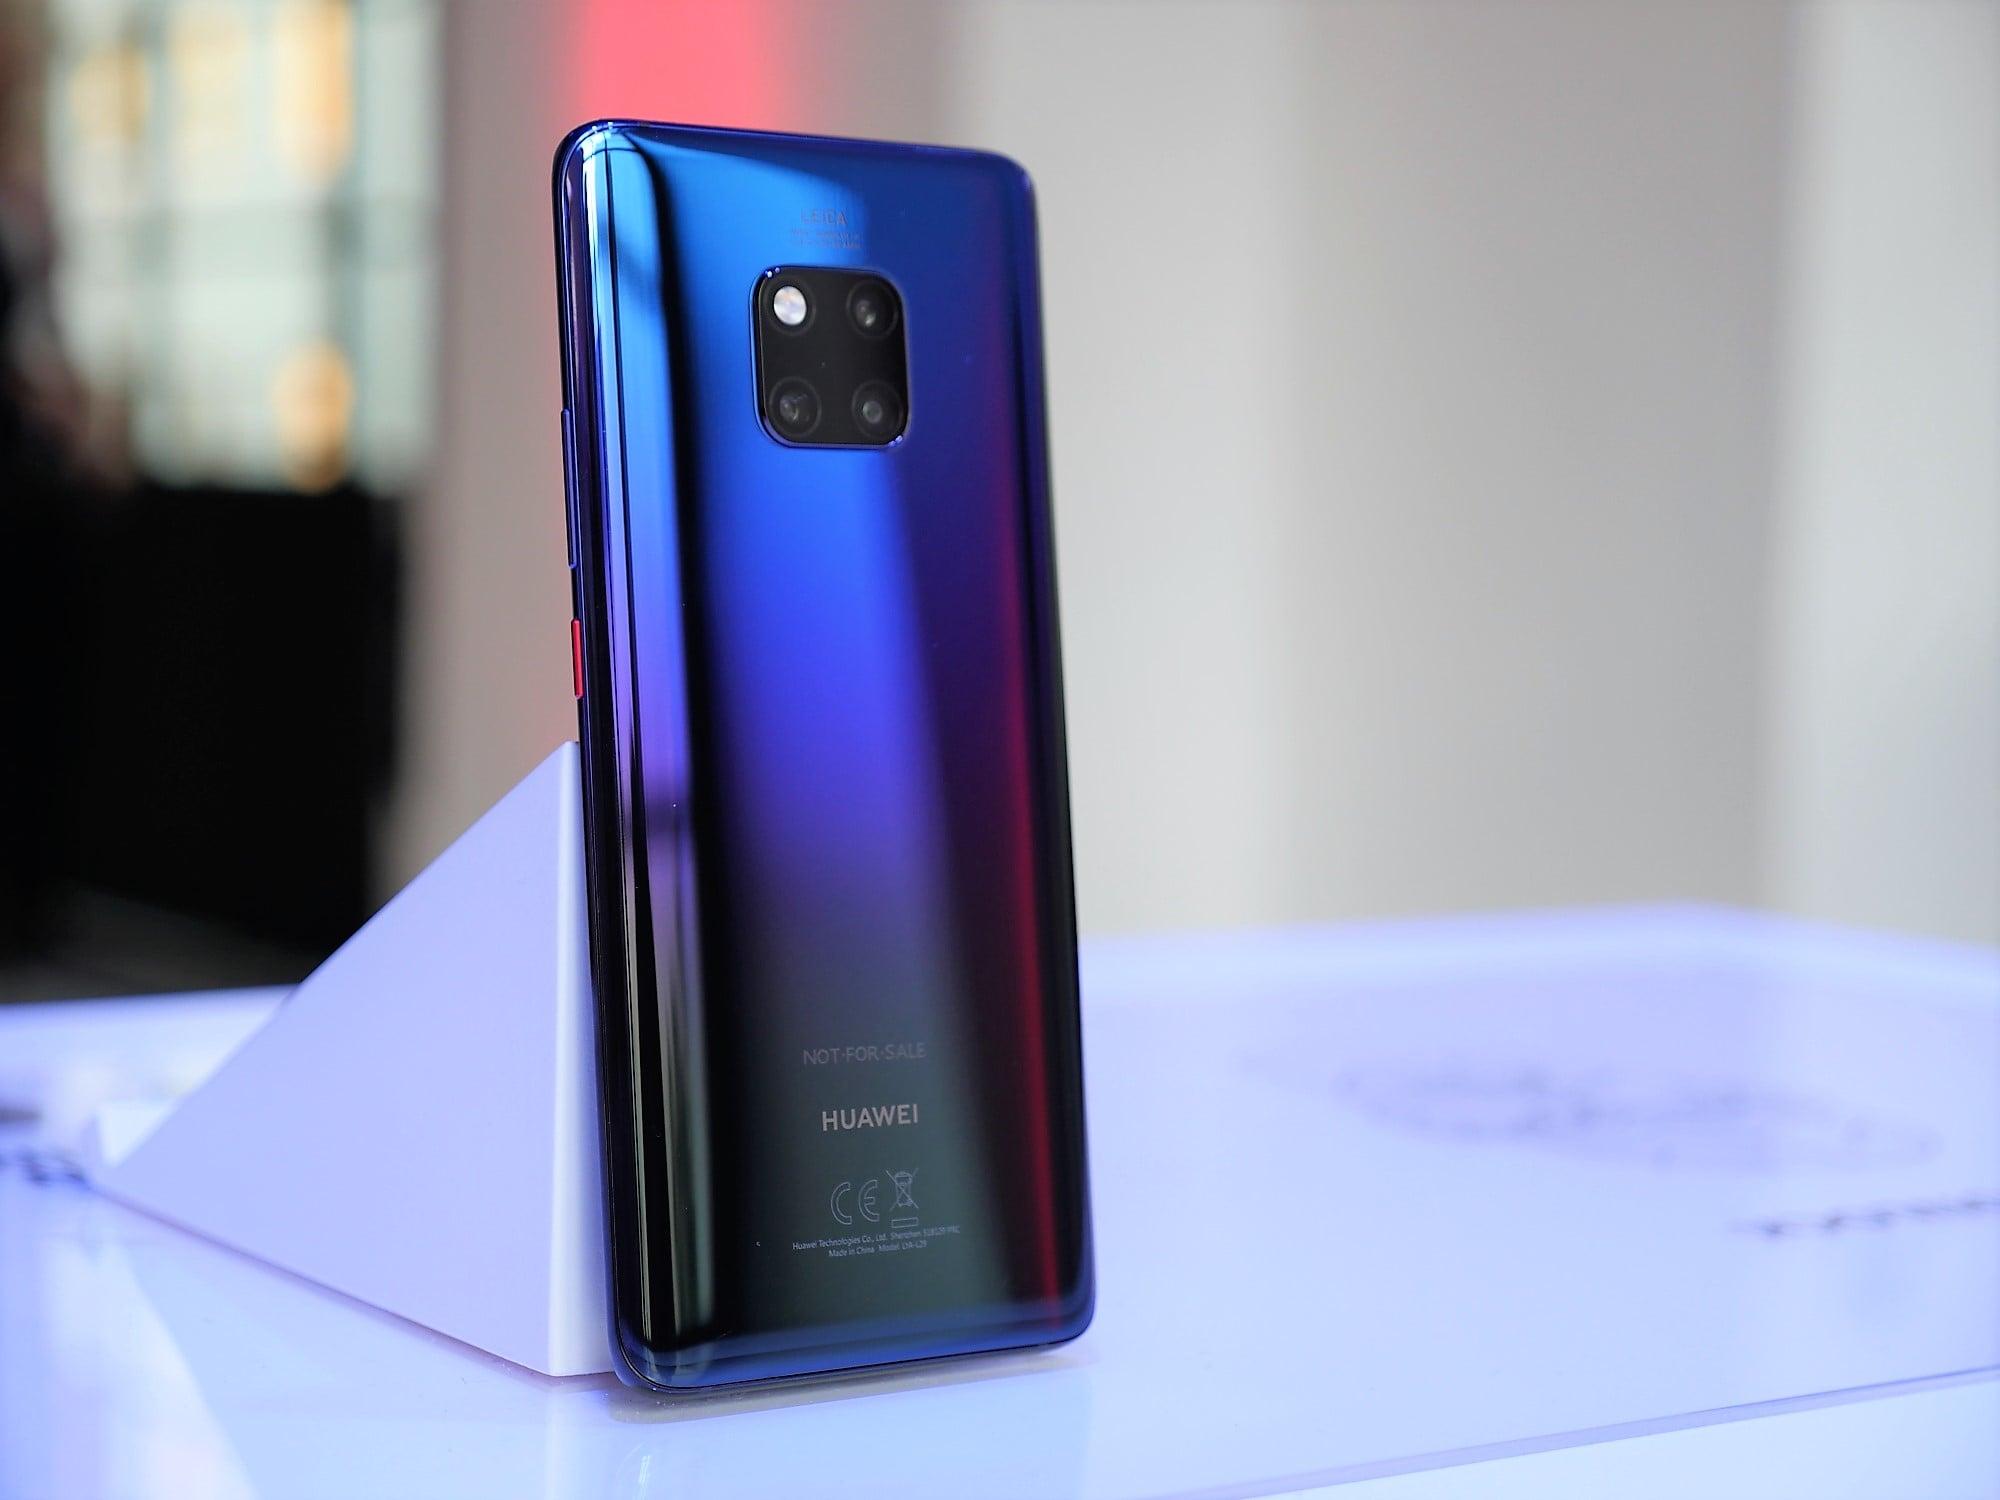 Tabletowo.pl Huawei Mate 20 Pro i Samsung Galaxy Note 9 128 GB potaniały. Odpowiednio o 300 i 400 złotych Android Huawei Samsung Smartfony